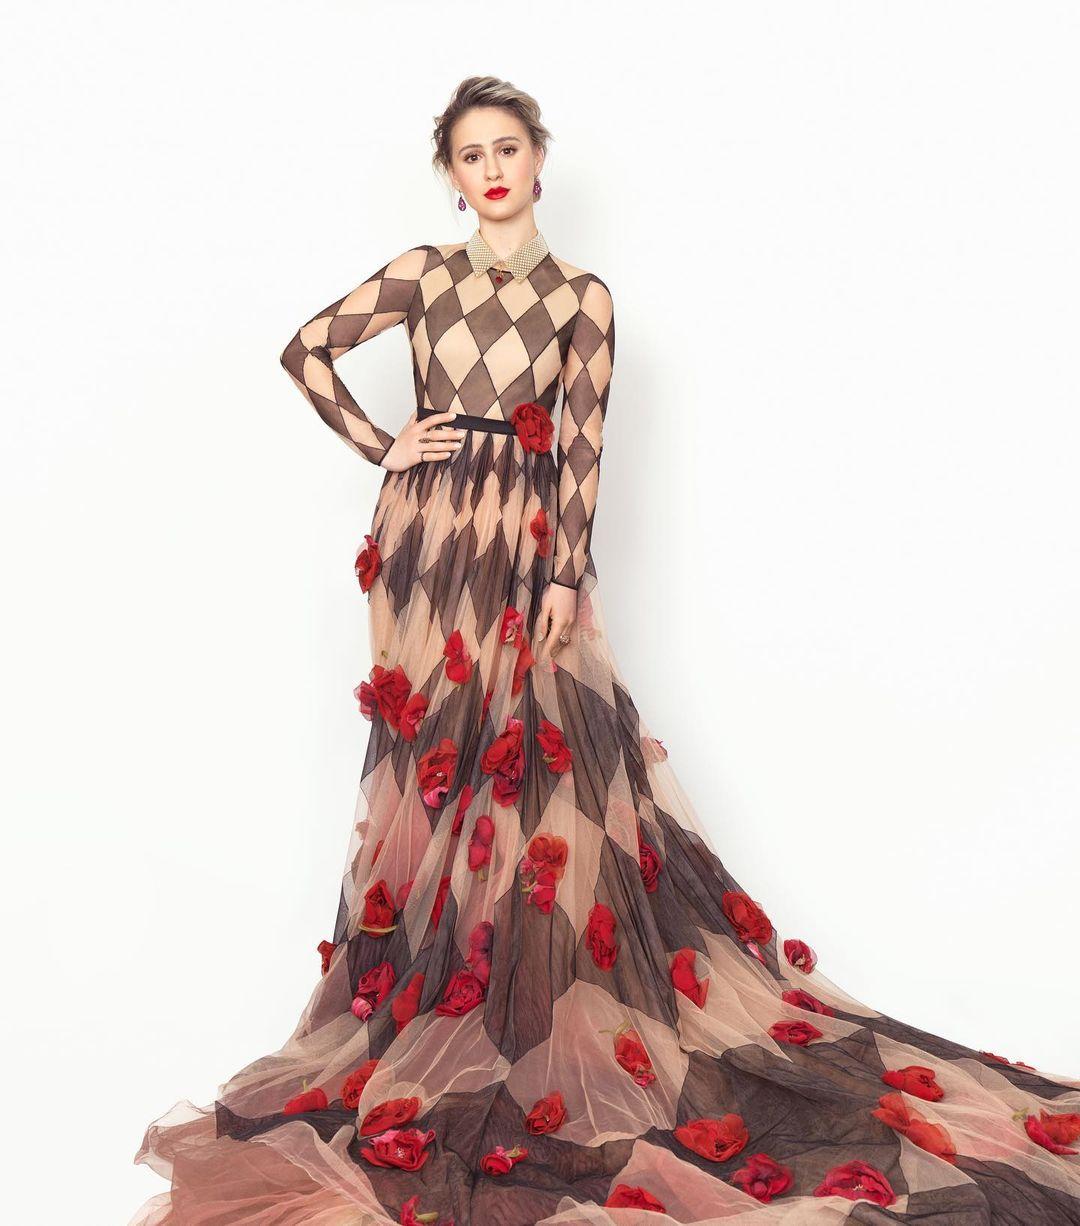 Maria Bakalova debutando en el Red Carpet de los SAG con un a interesante creación estampada de Christian Dior